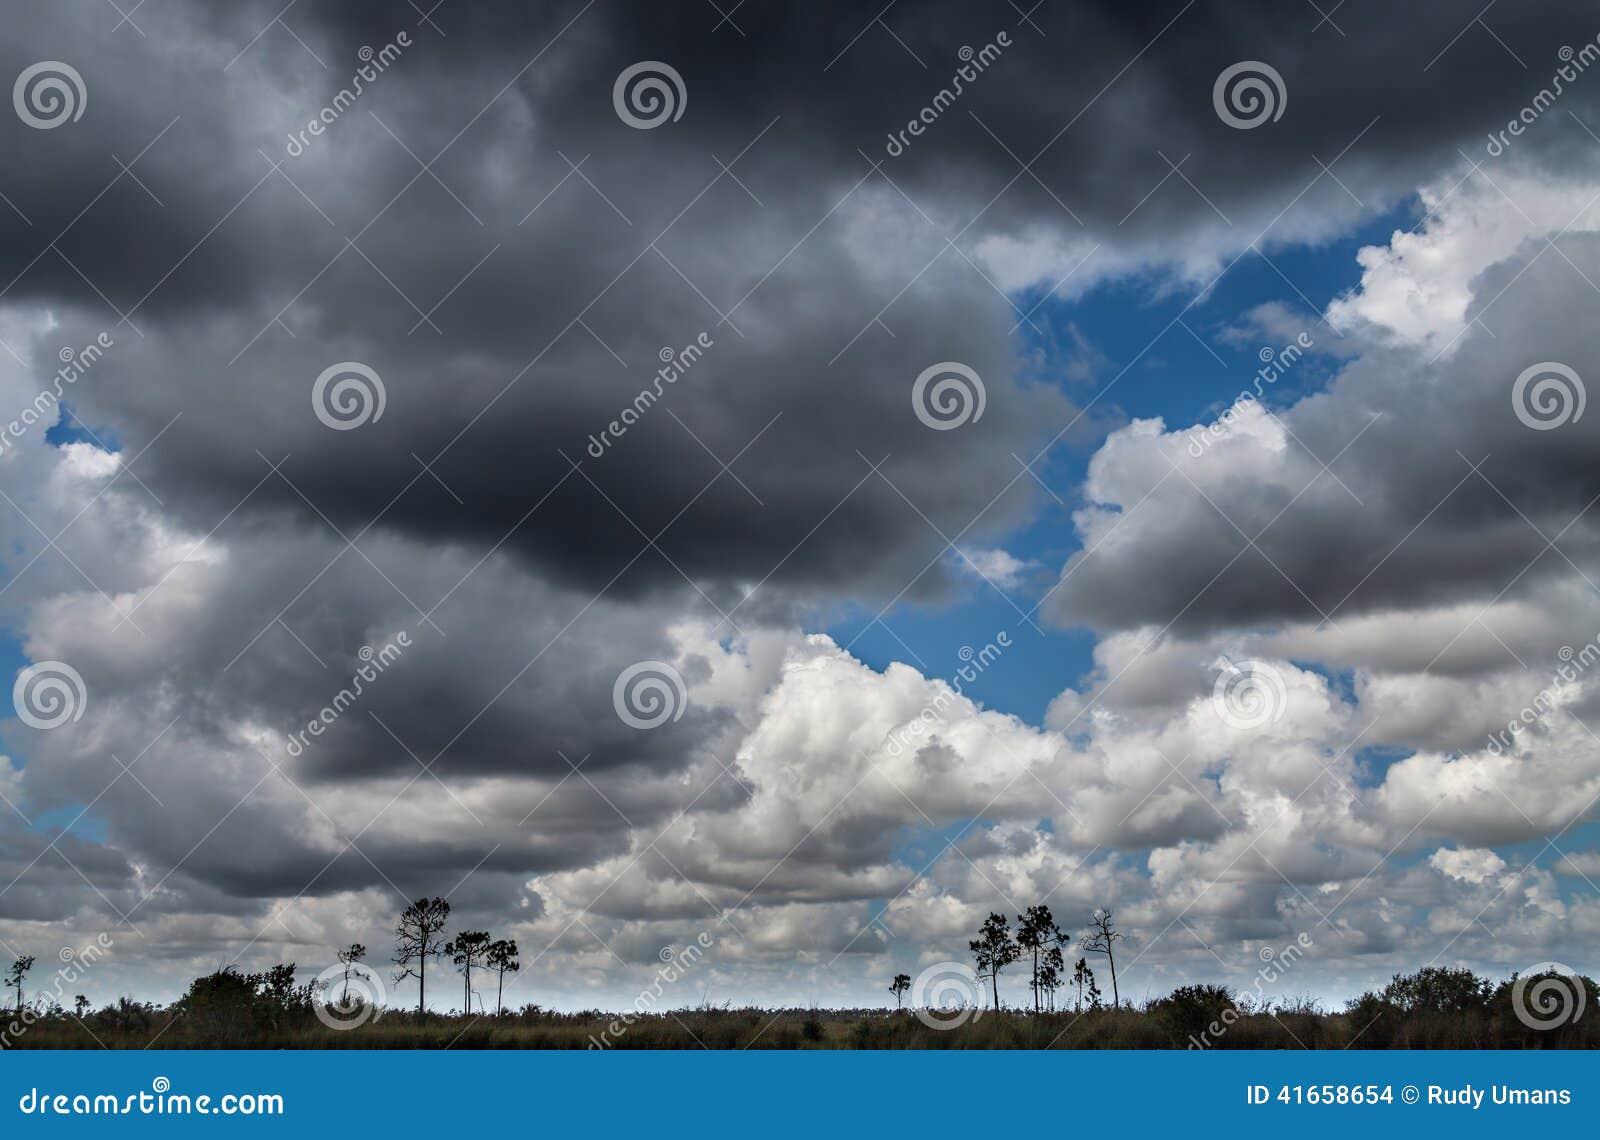 Болотистые низменности благоустраивают, облака